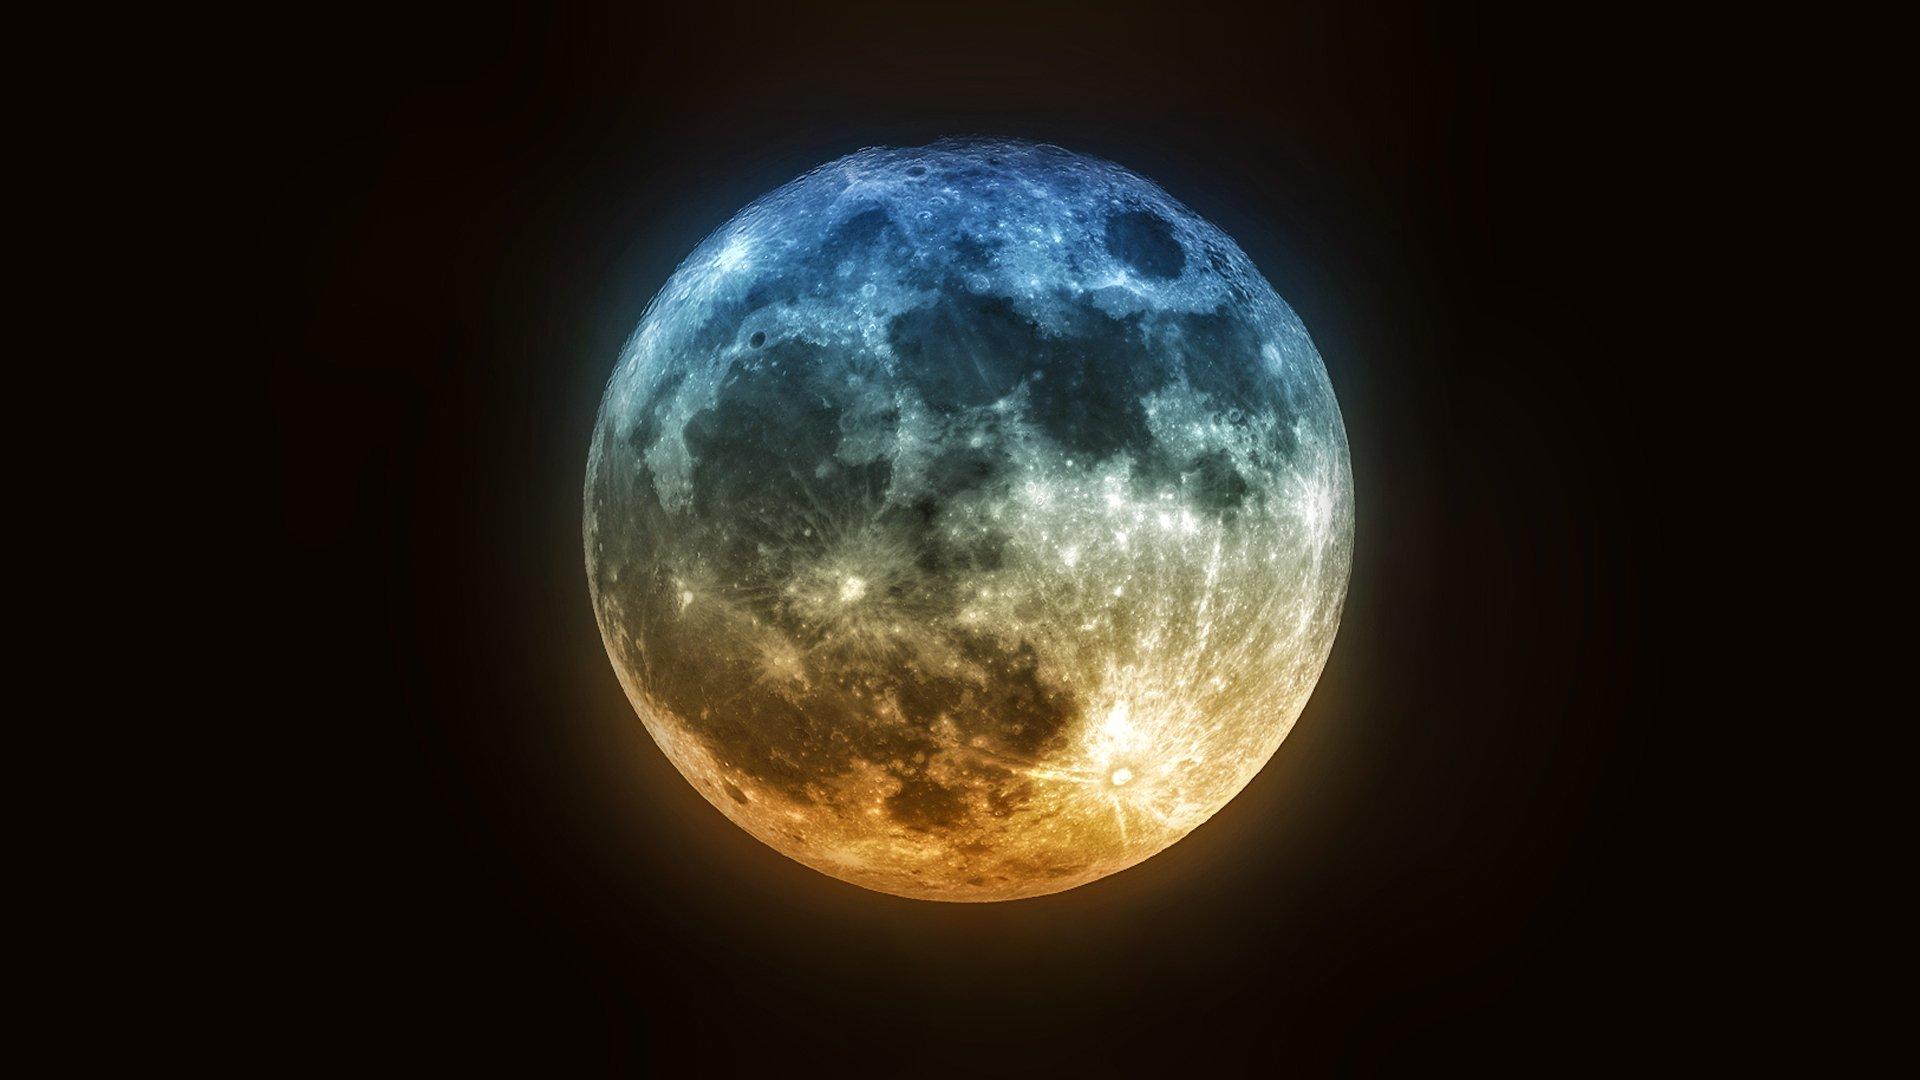 фото для рабочего стола луна девушки стал молодой